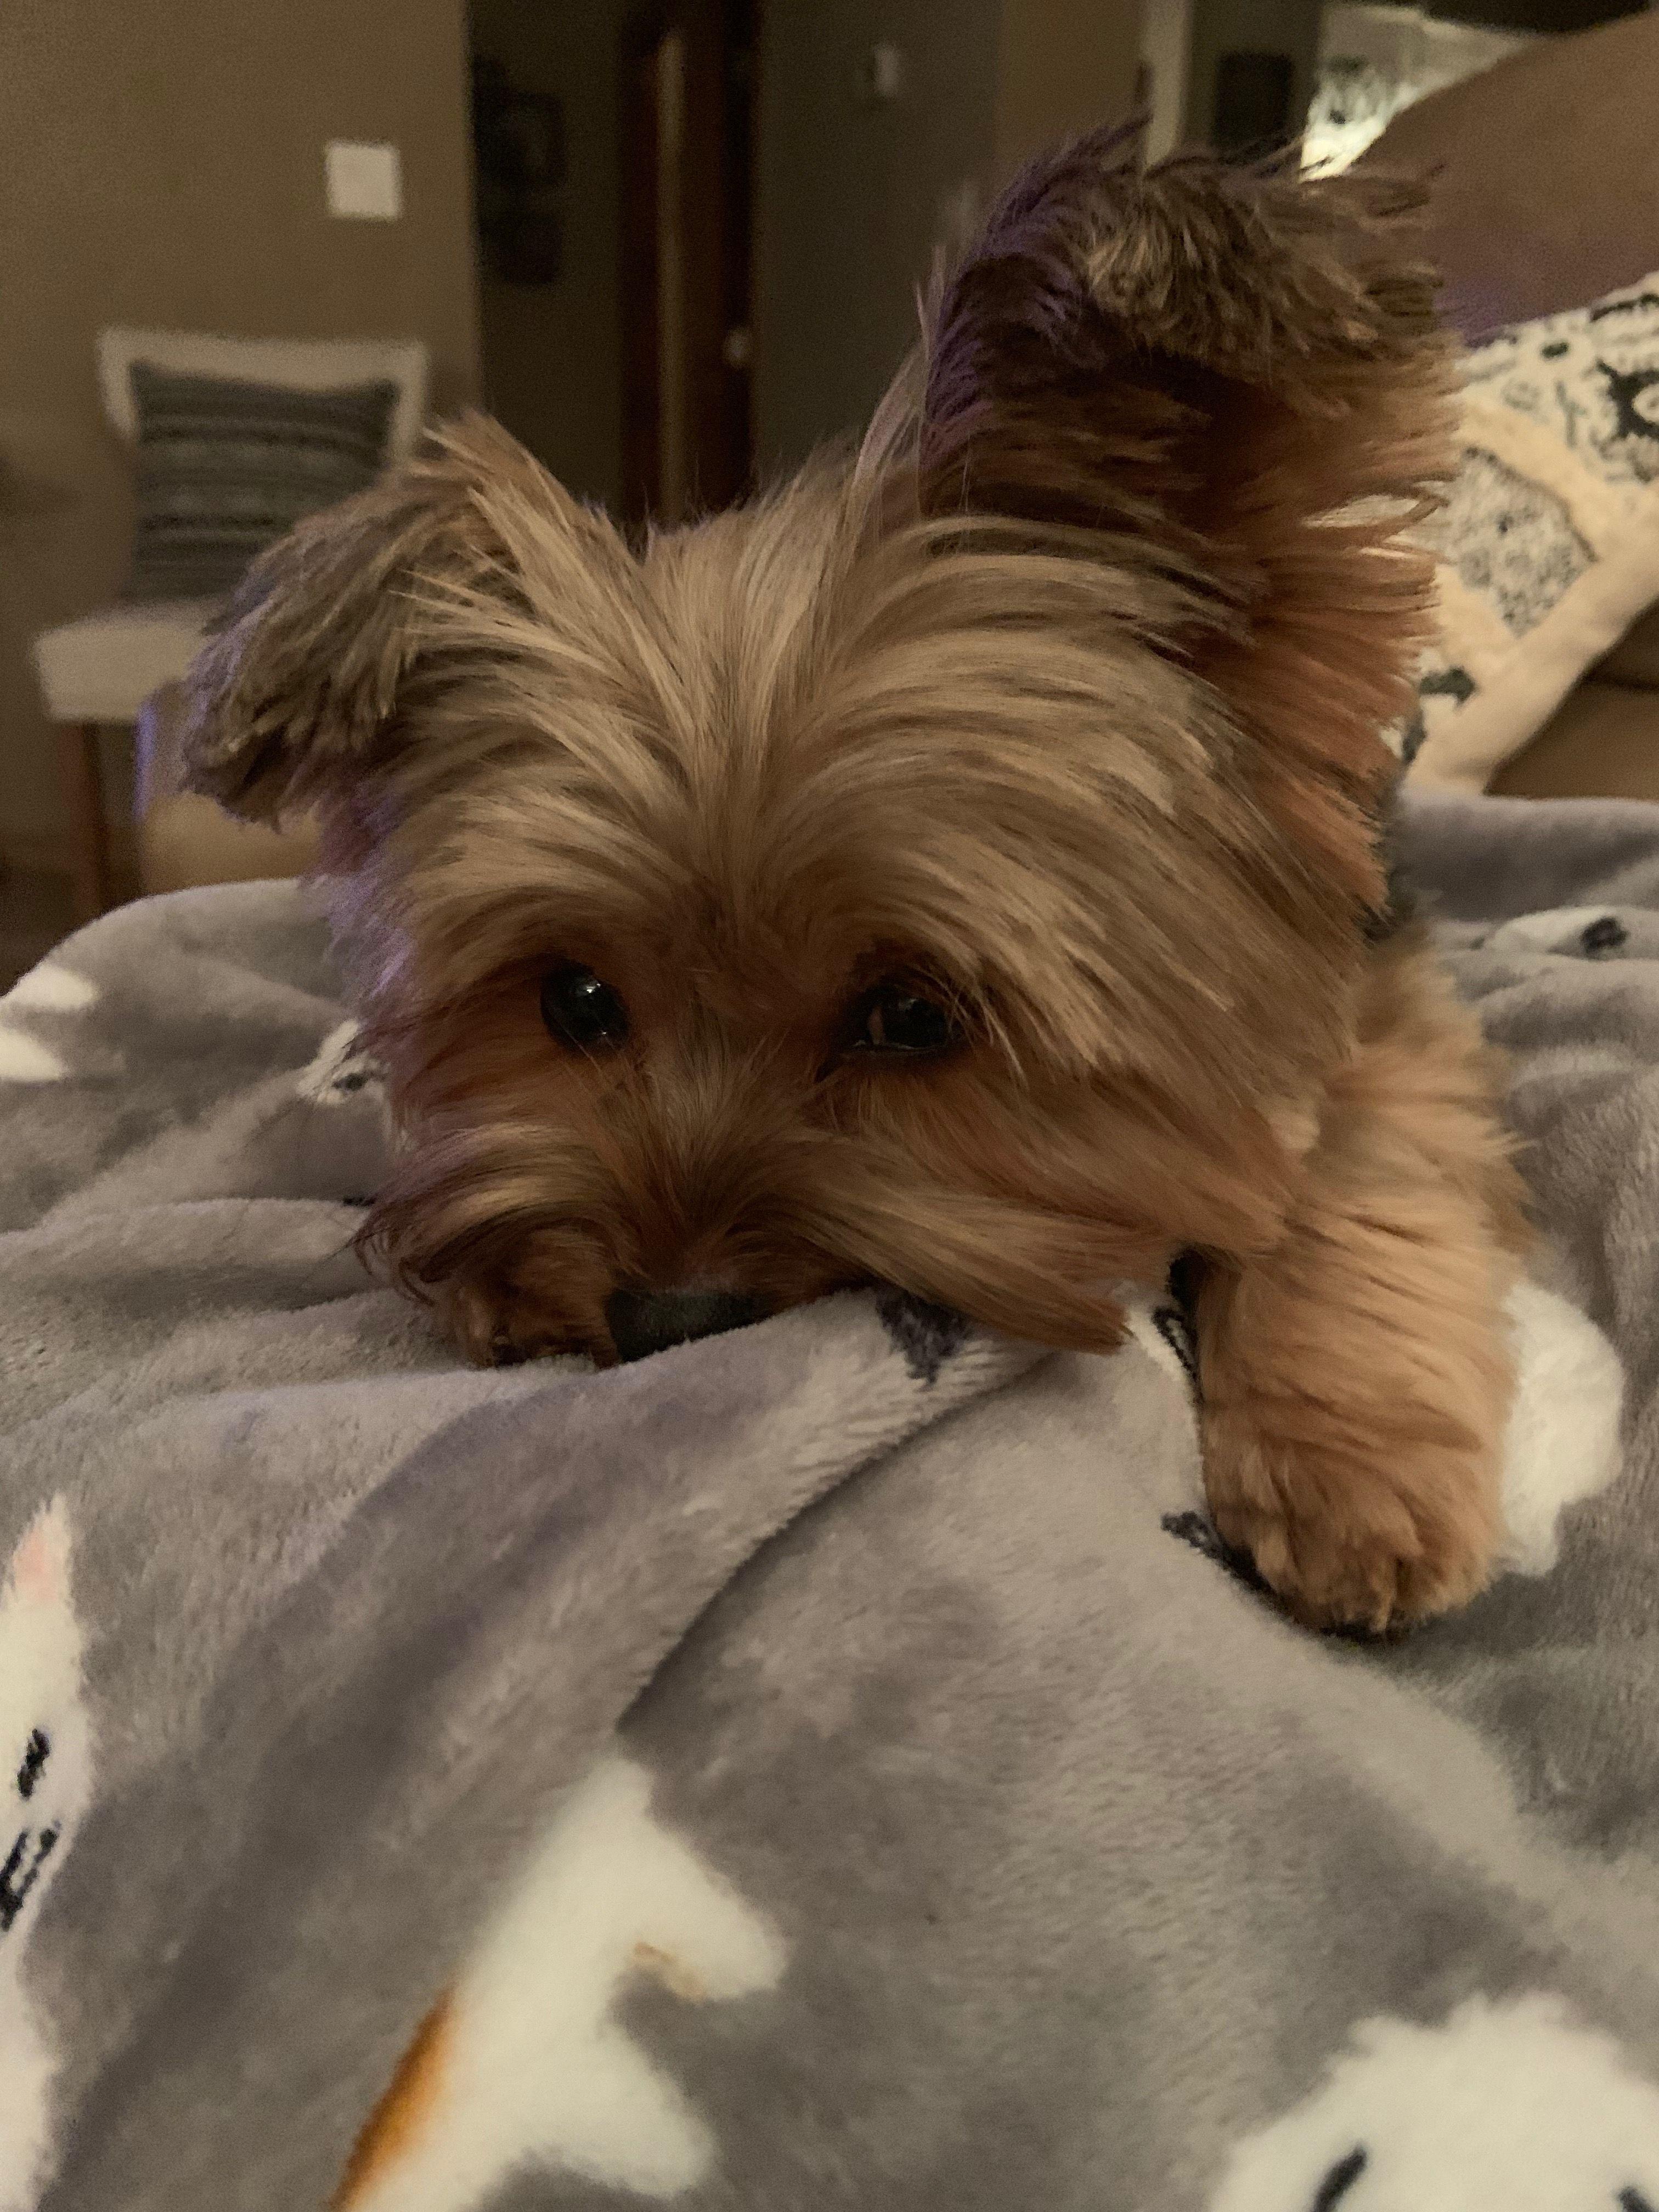 Pin By Wendy Vandermaas On Puppy Love Yorkie Dogs Yorkie Lovers